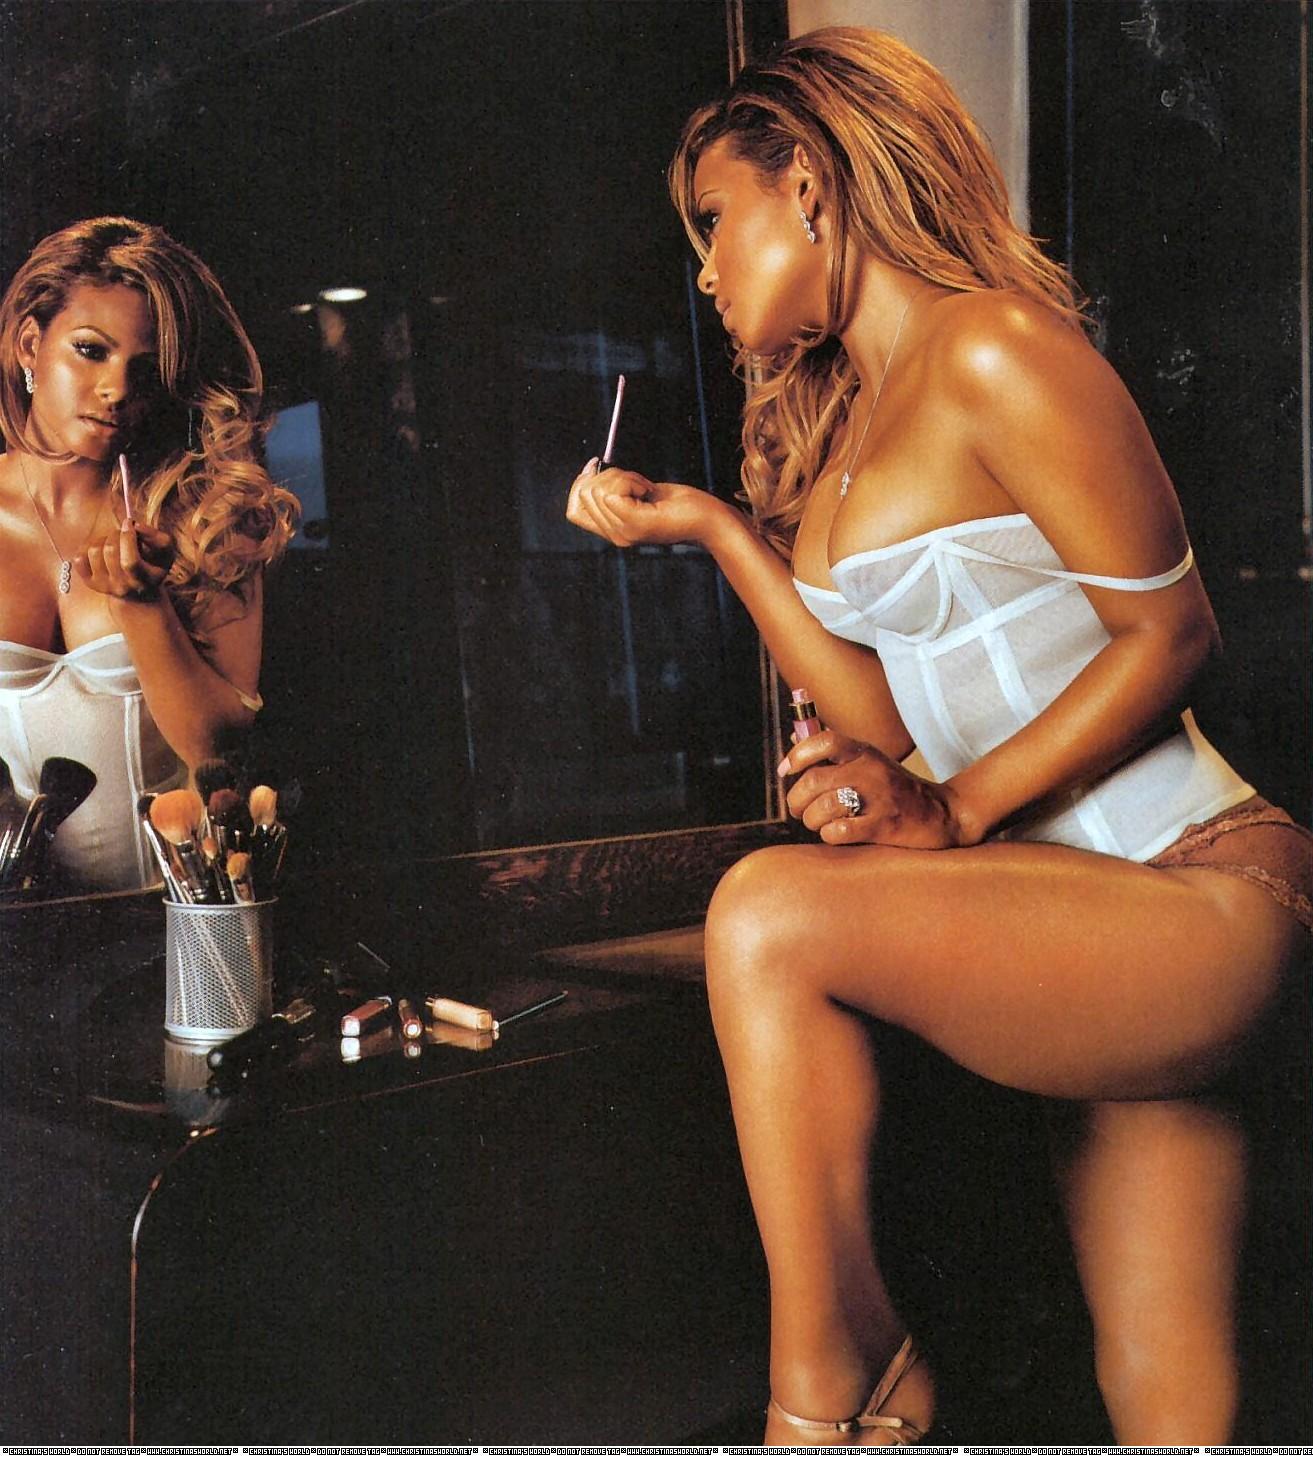 http://2.bp.blogspot.com/_dj4DfscbRTA/Sbki4UntPtI/AAAAAAAAC0Q/Fdc3AWm-6Qk/s1600/Christina%2BMilian%2BKing%2BMagazine%2B3.jpg